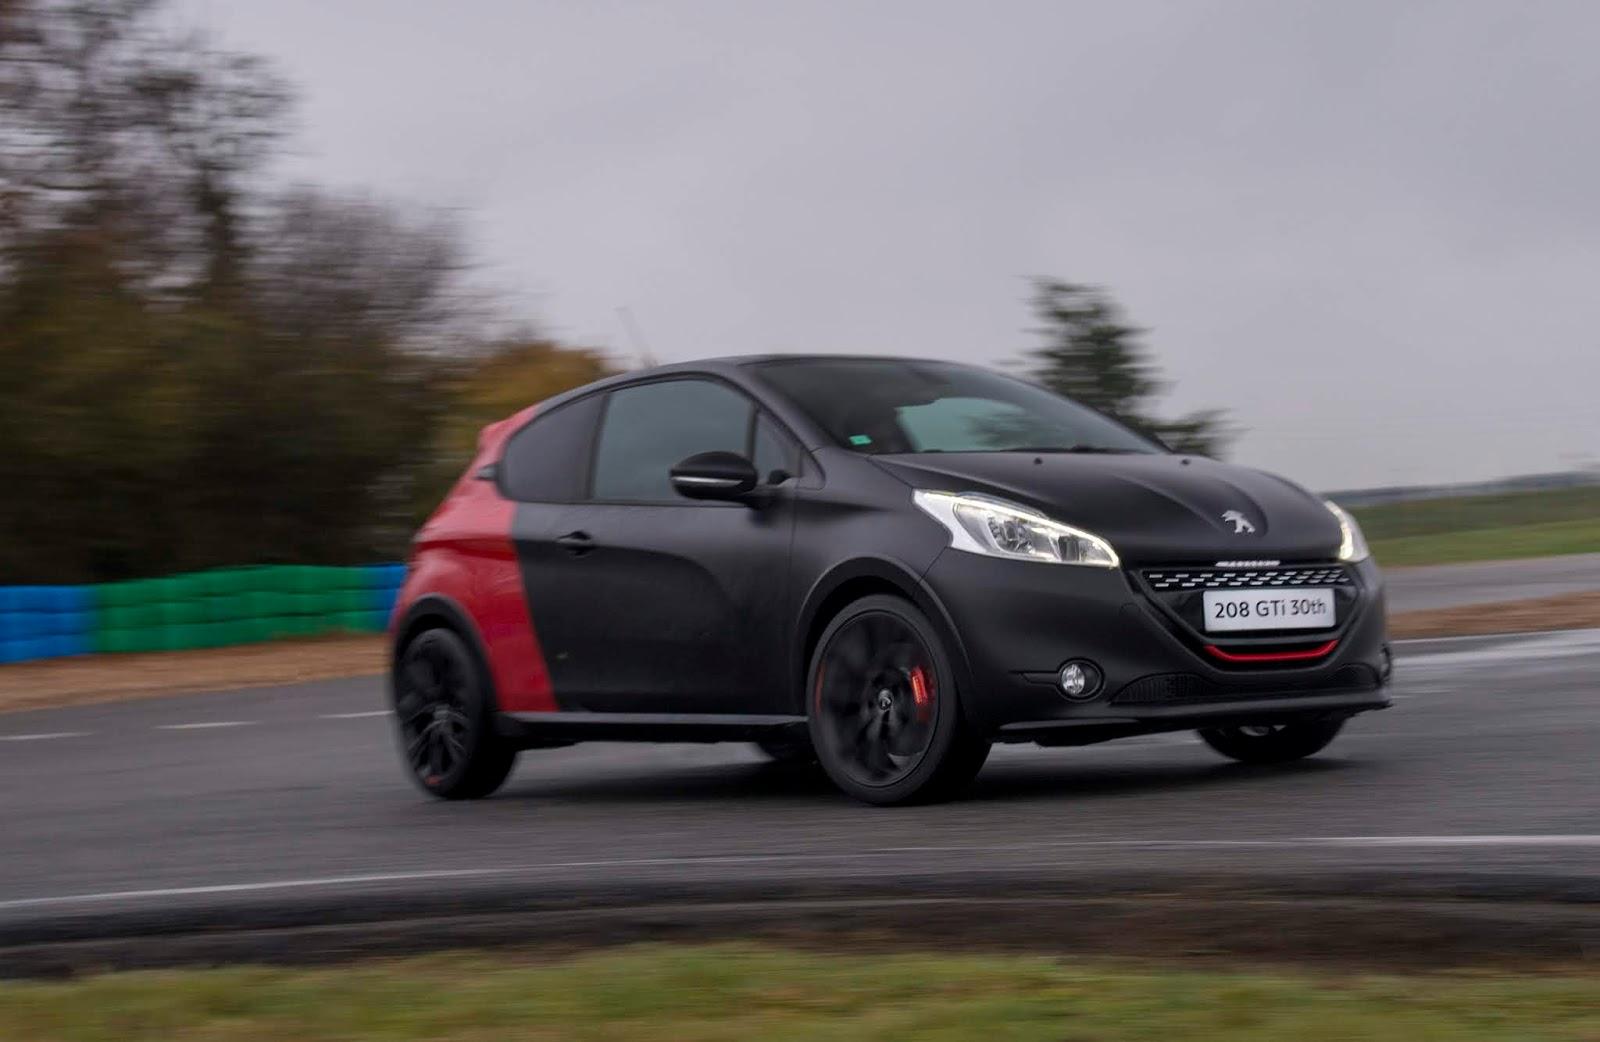 peugeot208gti Ξεκίνησε... γκαζωμένα το 2019 η Peugeot Peugeot, zblog, αγορά, πωλήσεις, πωλήσεις αυτοκινήτων